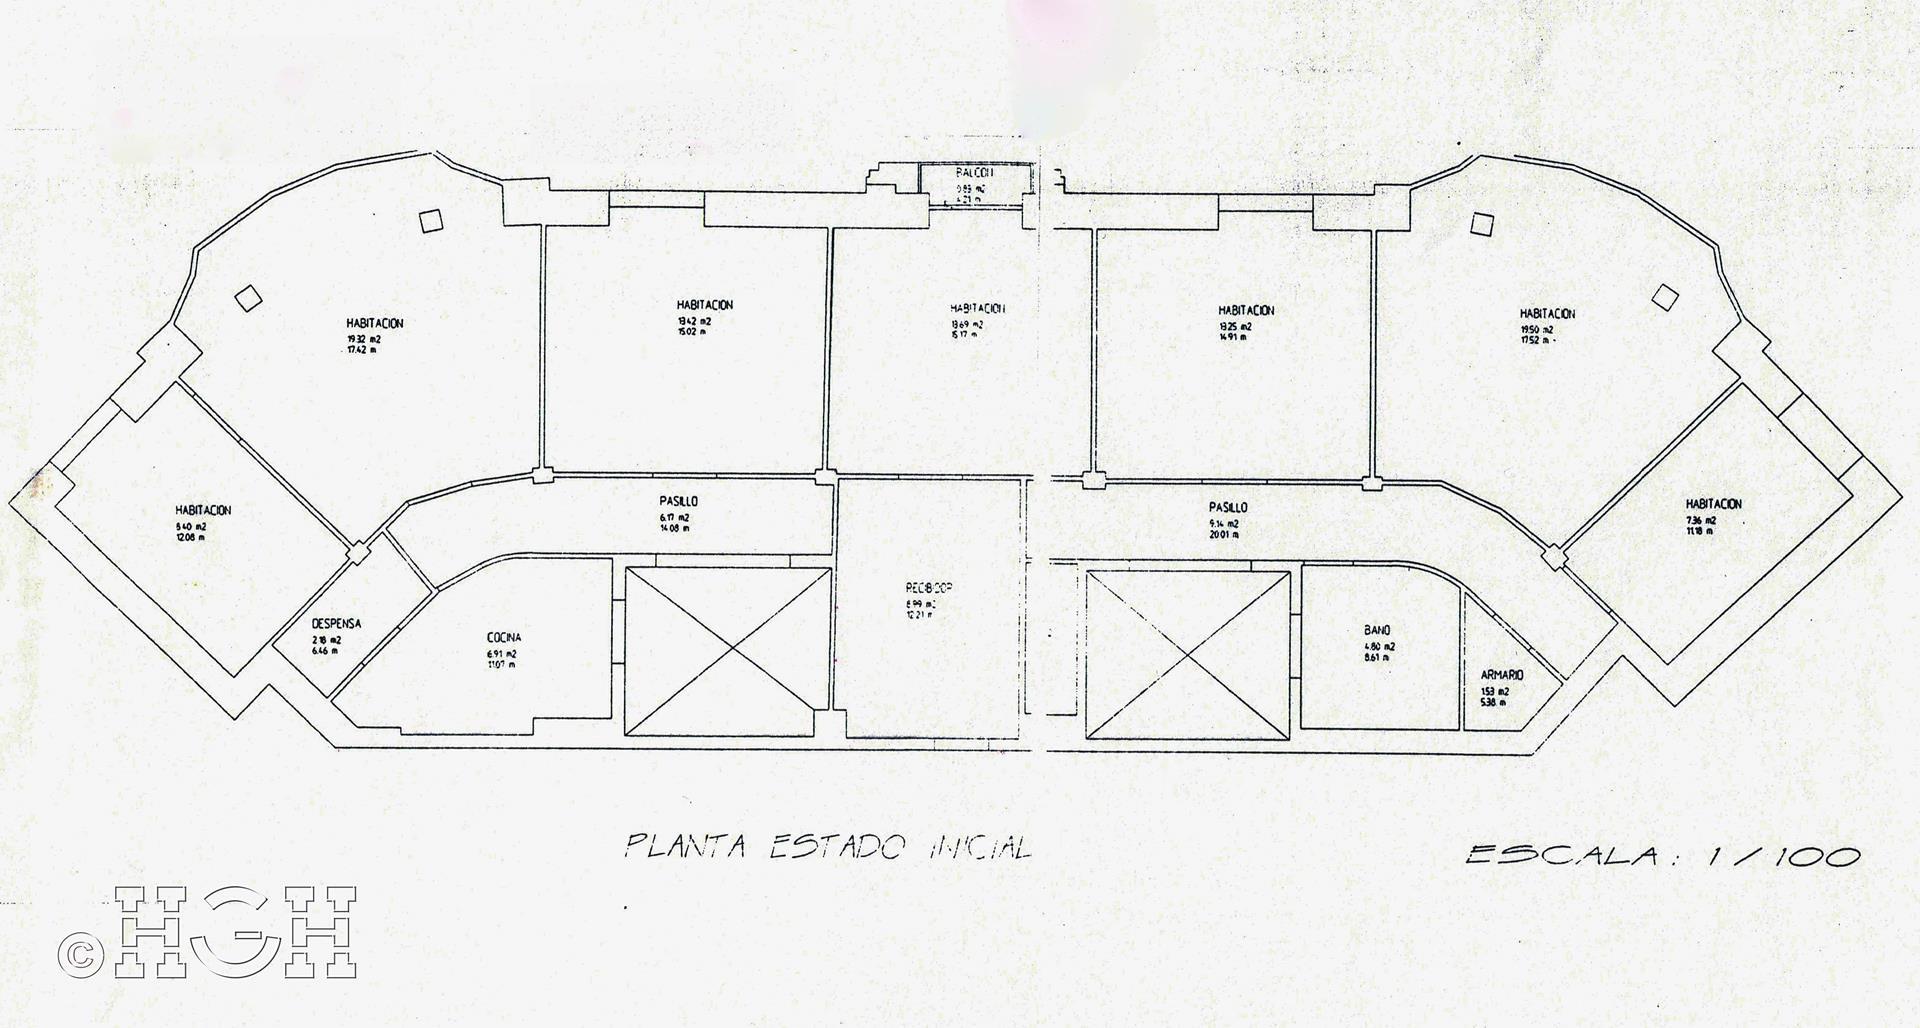 Plano de estado inicial de piso en barrio ensanche, ruzafa, Valencia. Proyecto realizado íntegramente por Global Home Happiness.